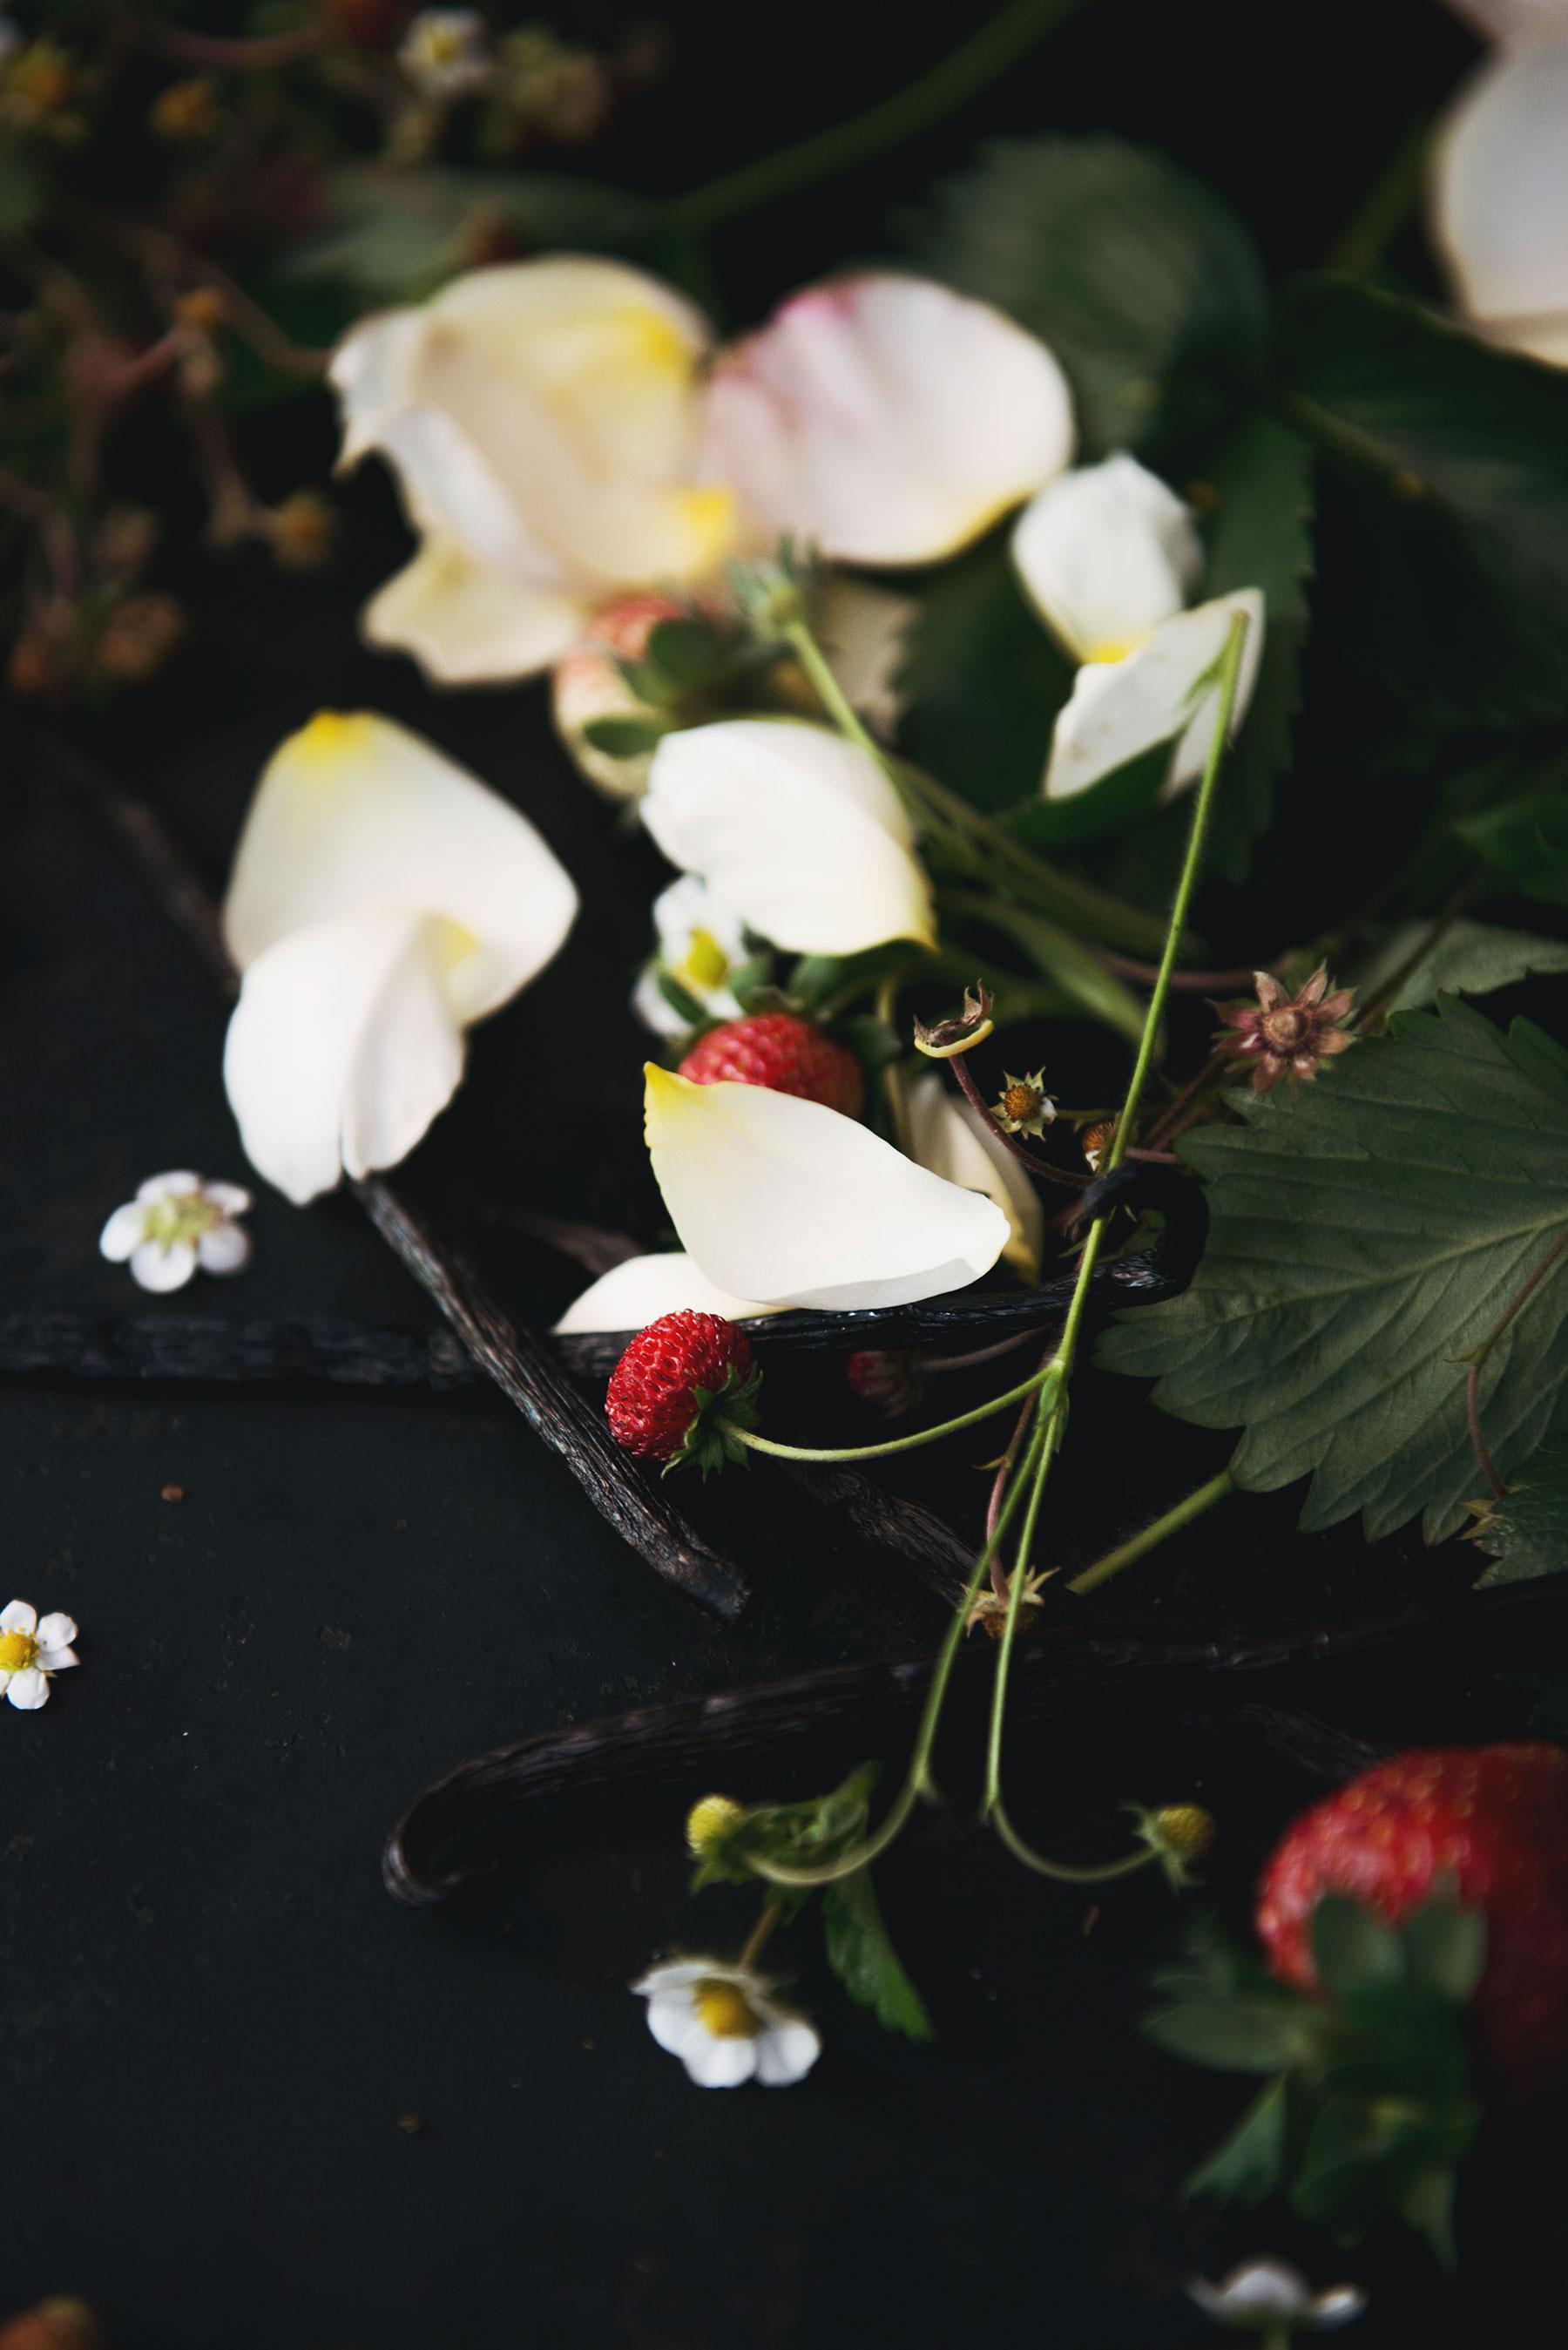 NatashaMorgan_Strawberry Jam.jpg